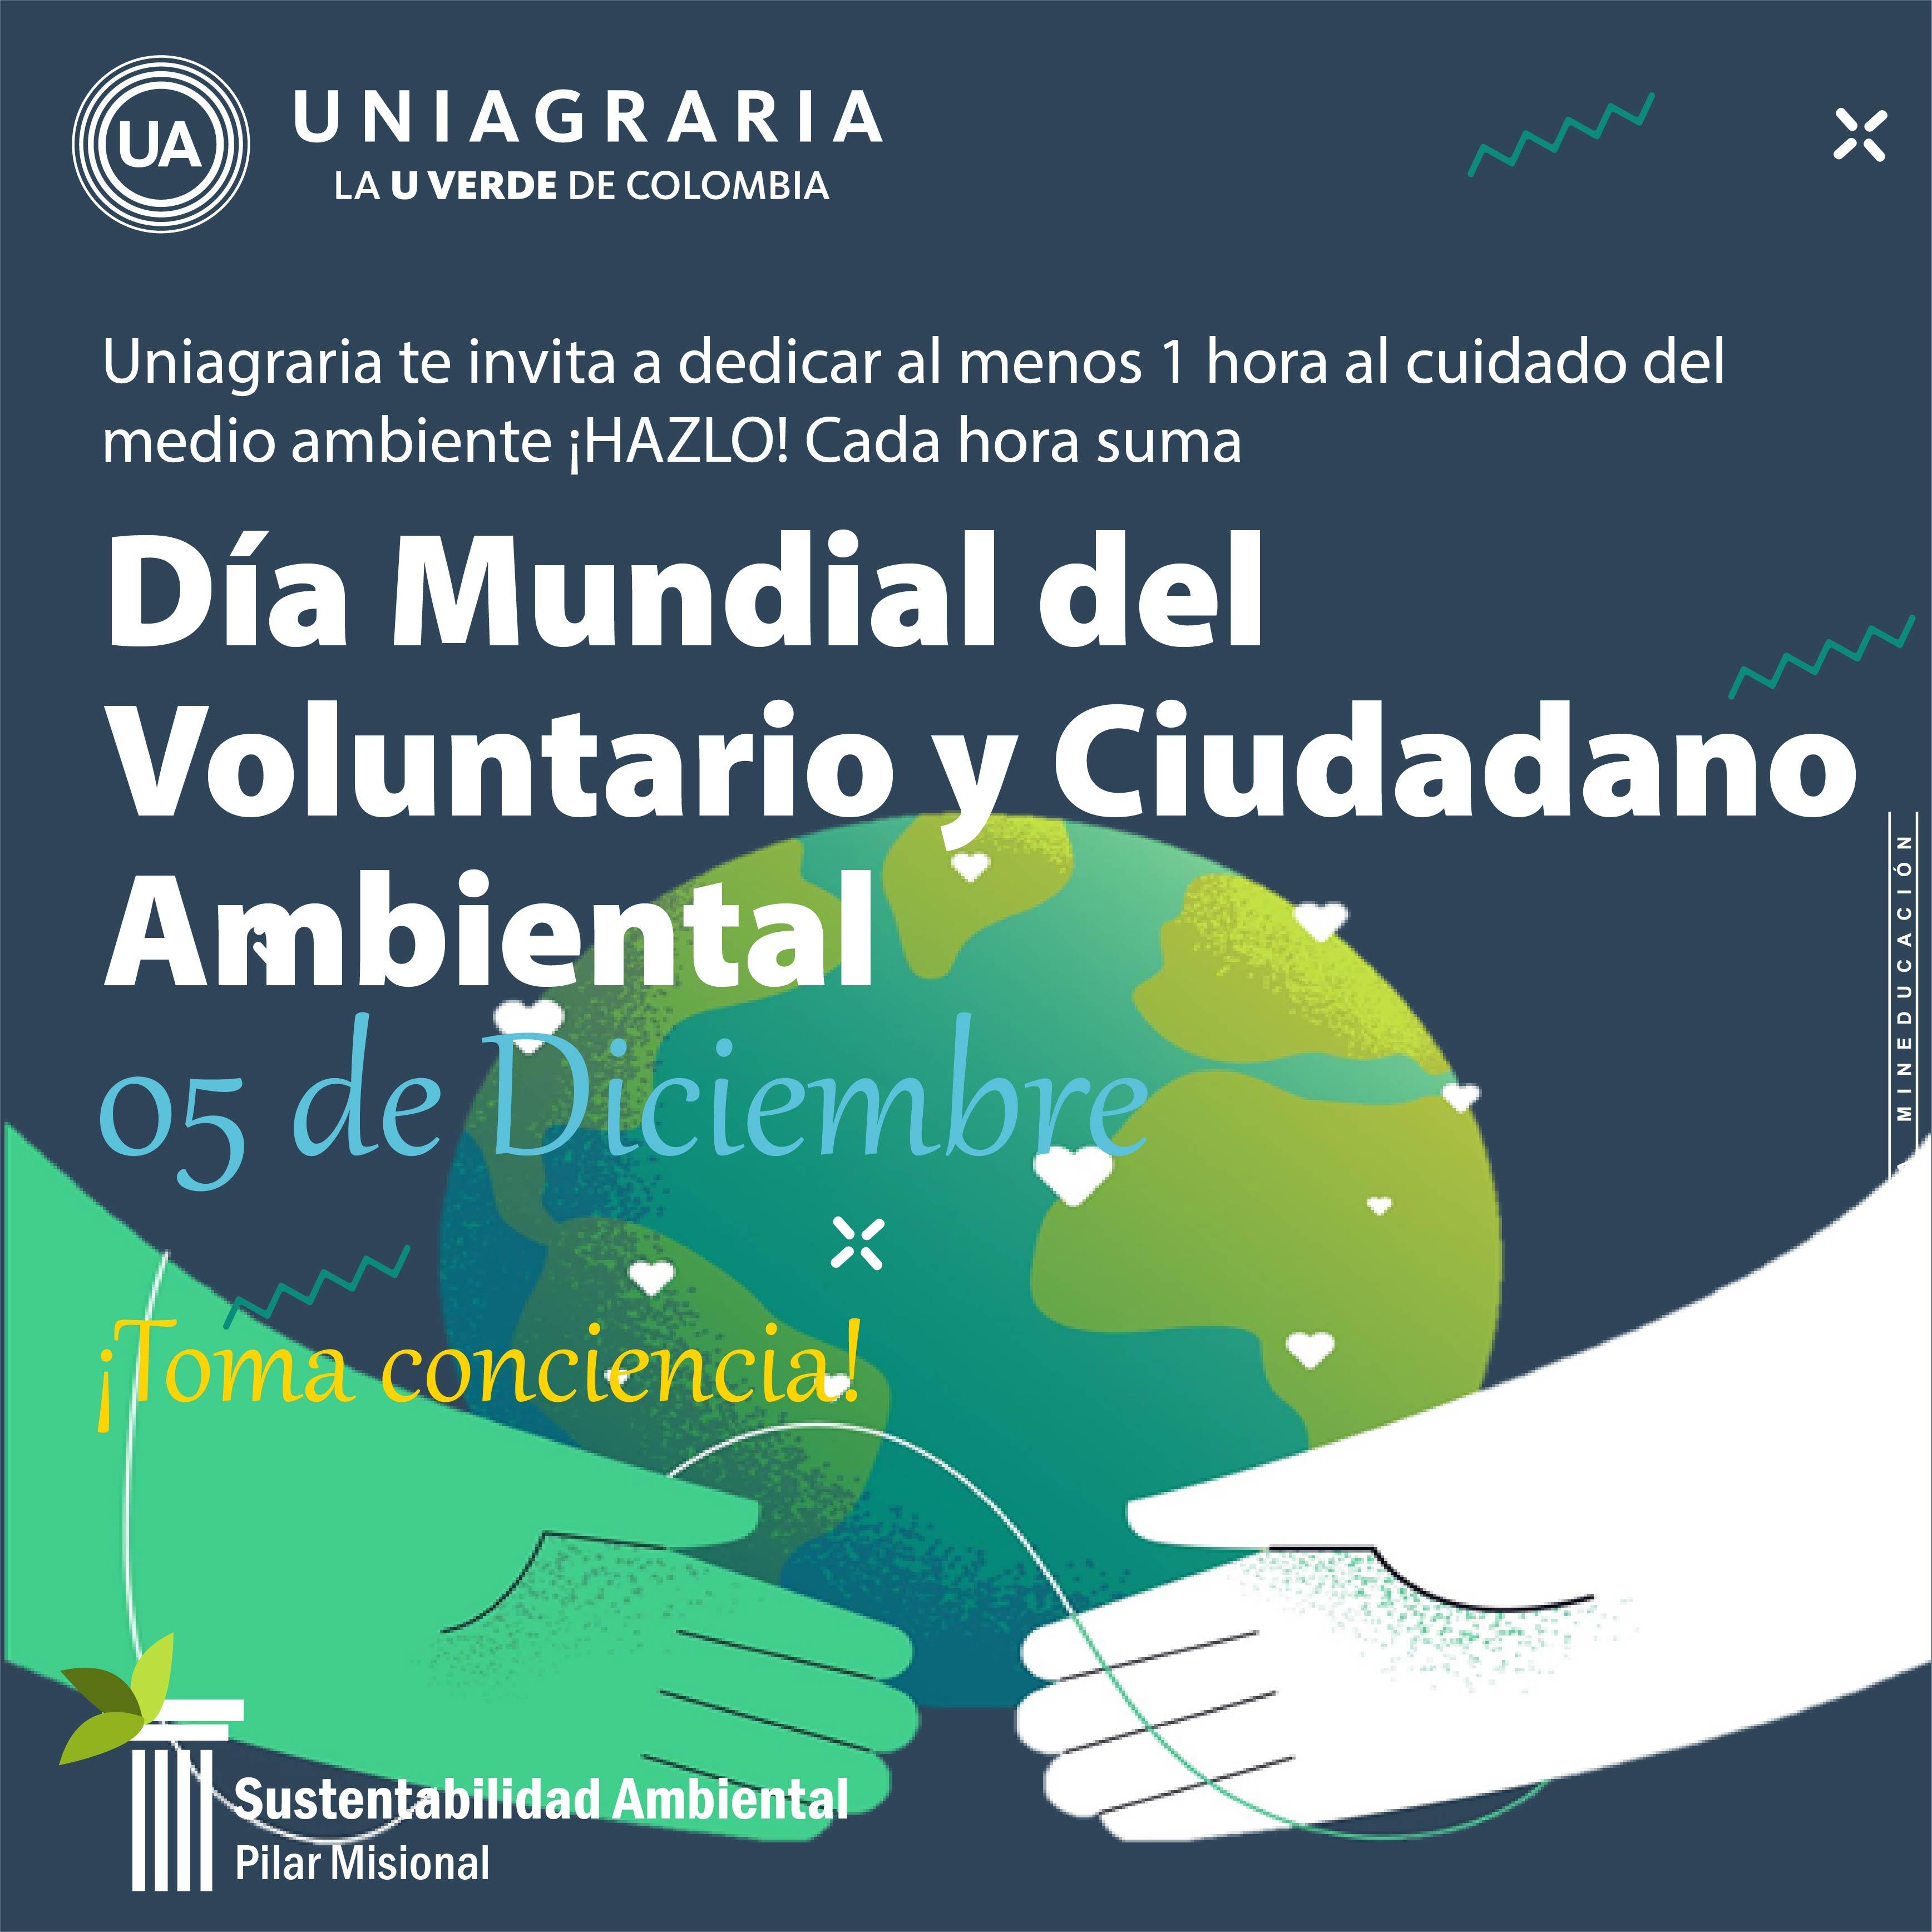 Día Mundial del Voluntario y Ciudadano Ambiental